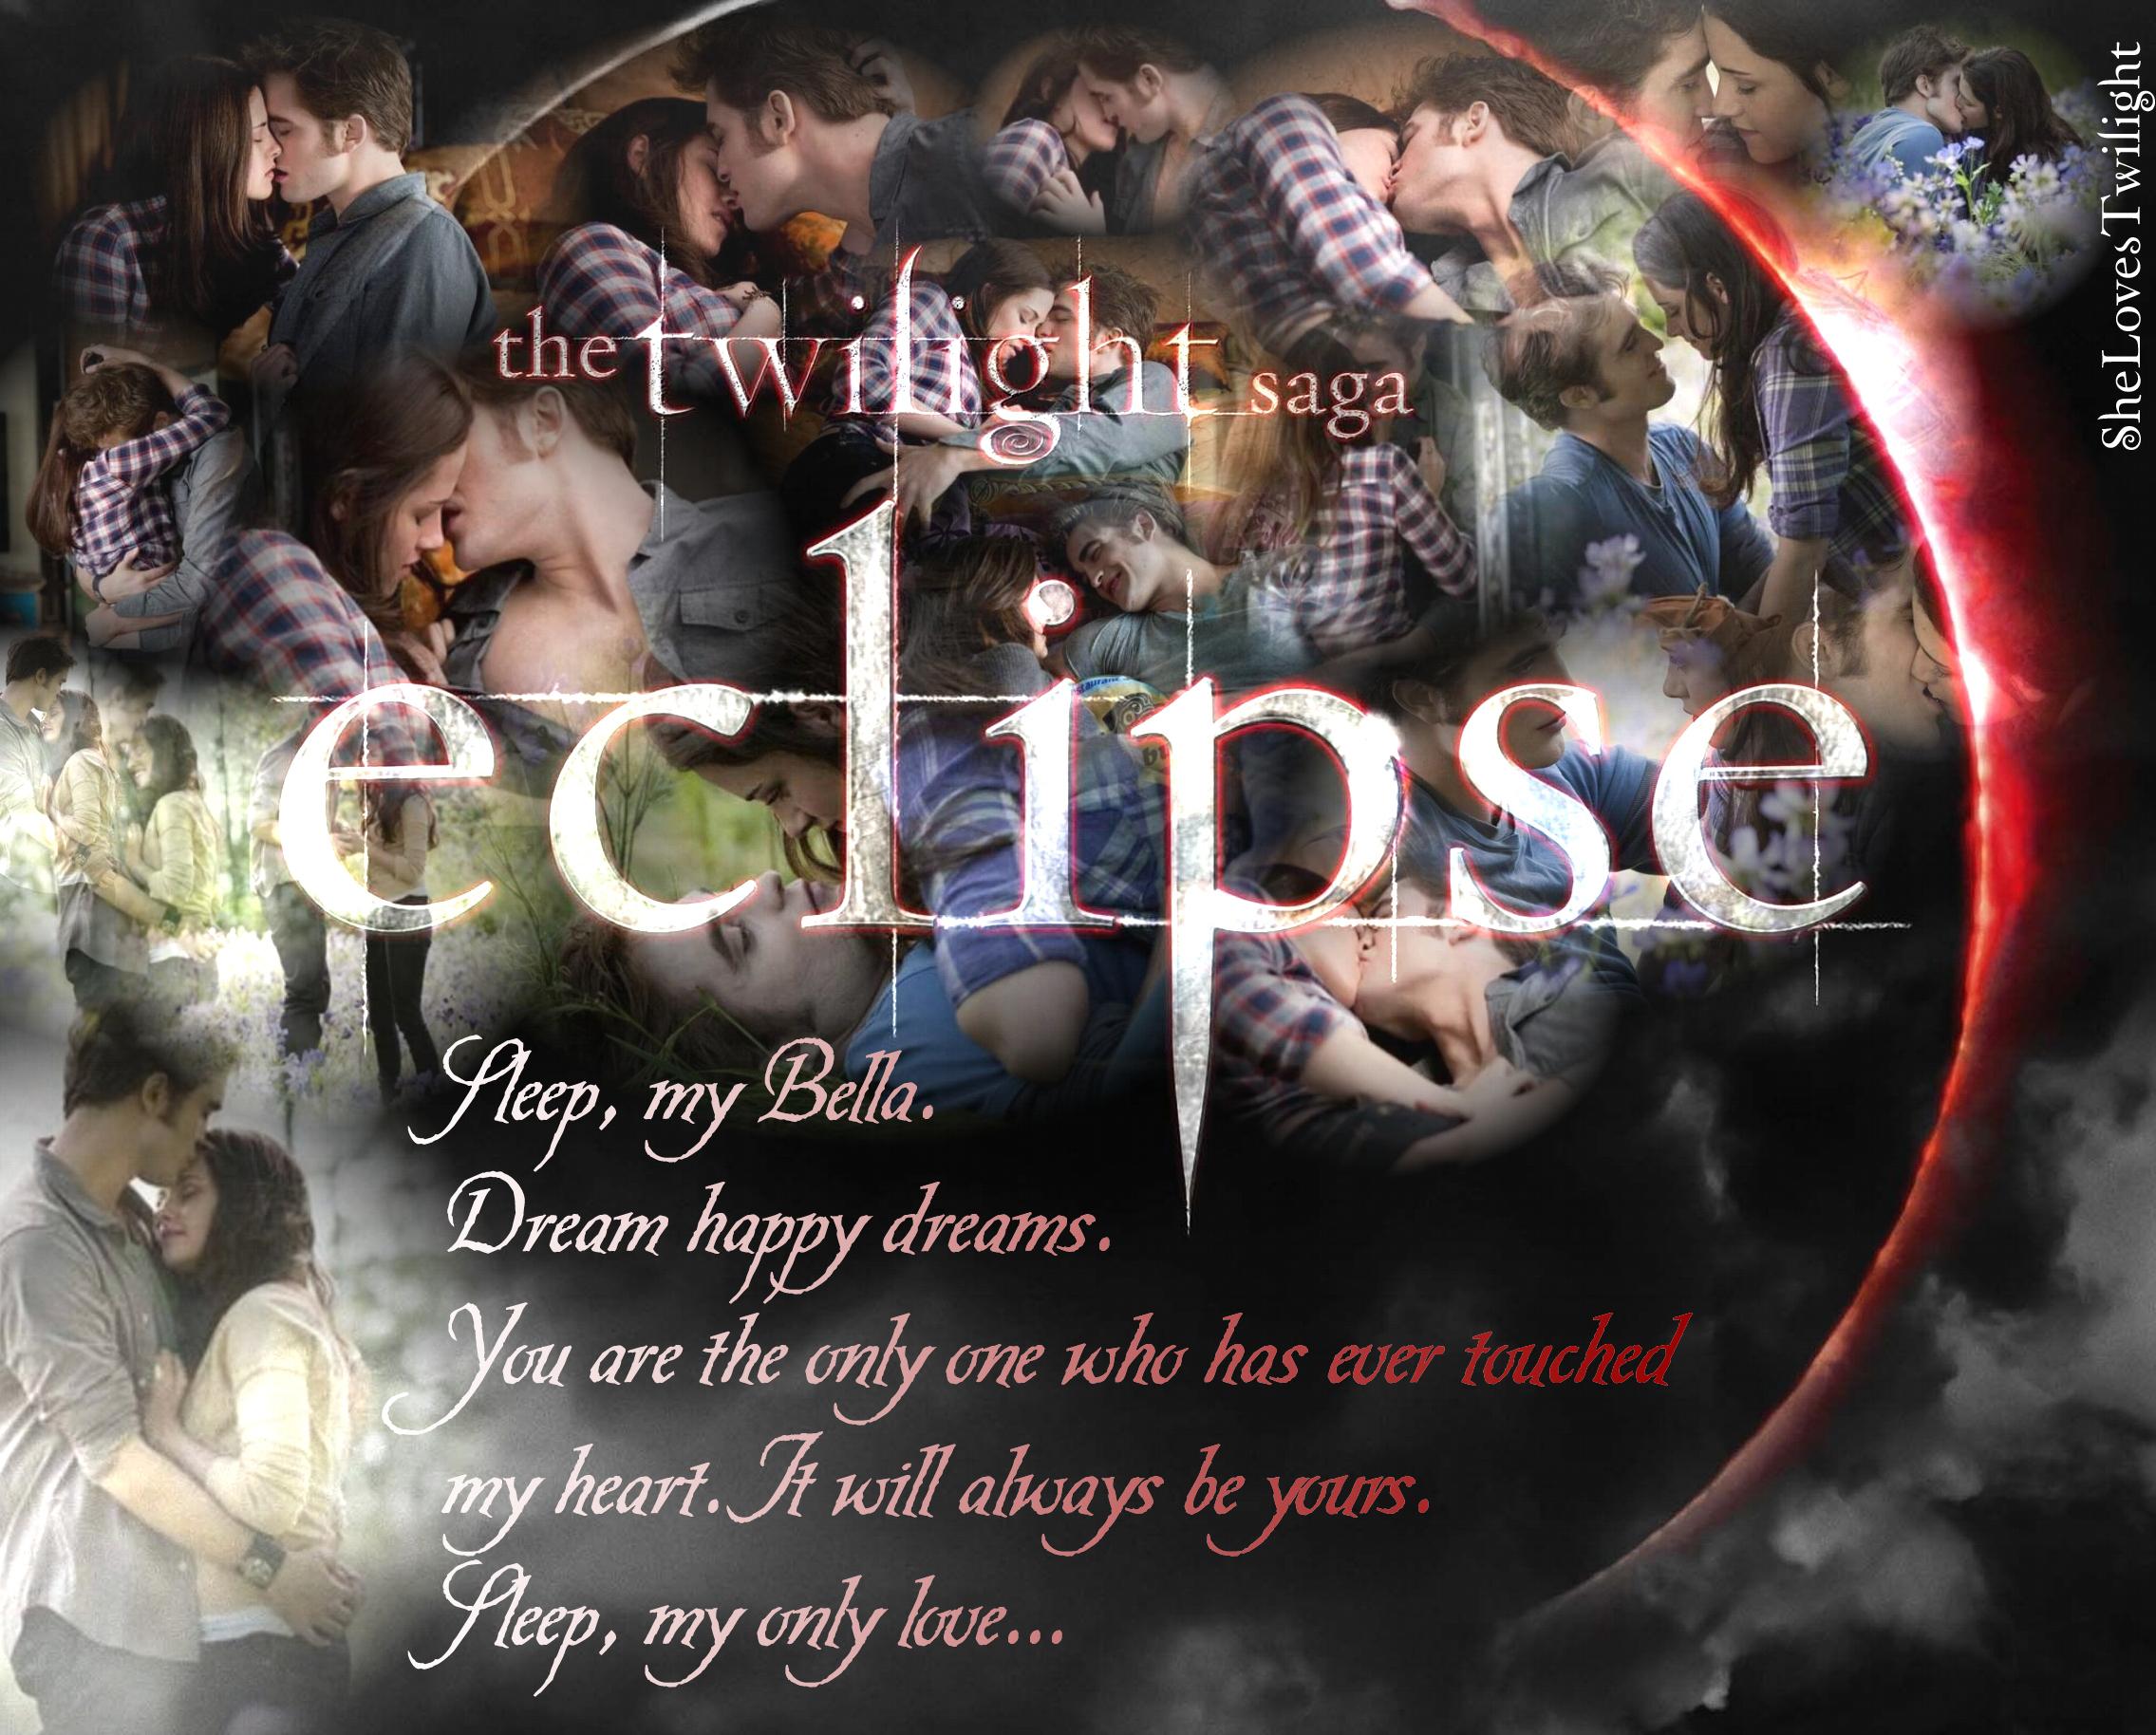 Eclipse দেওয়ালপত্র